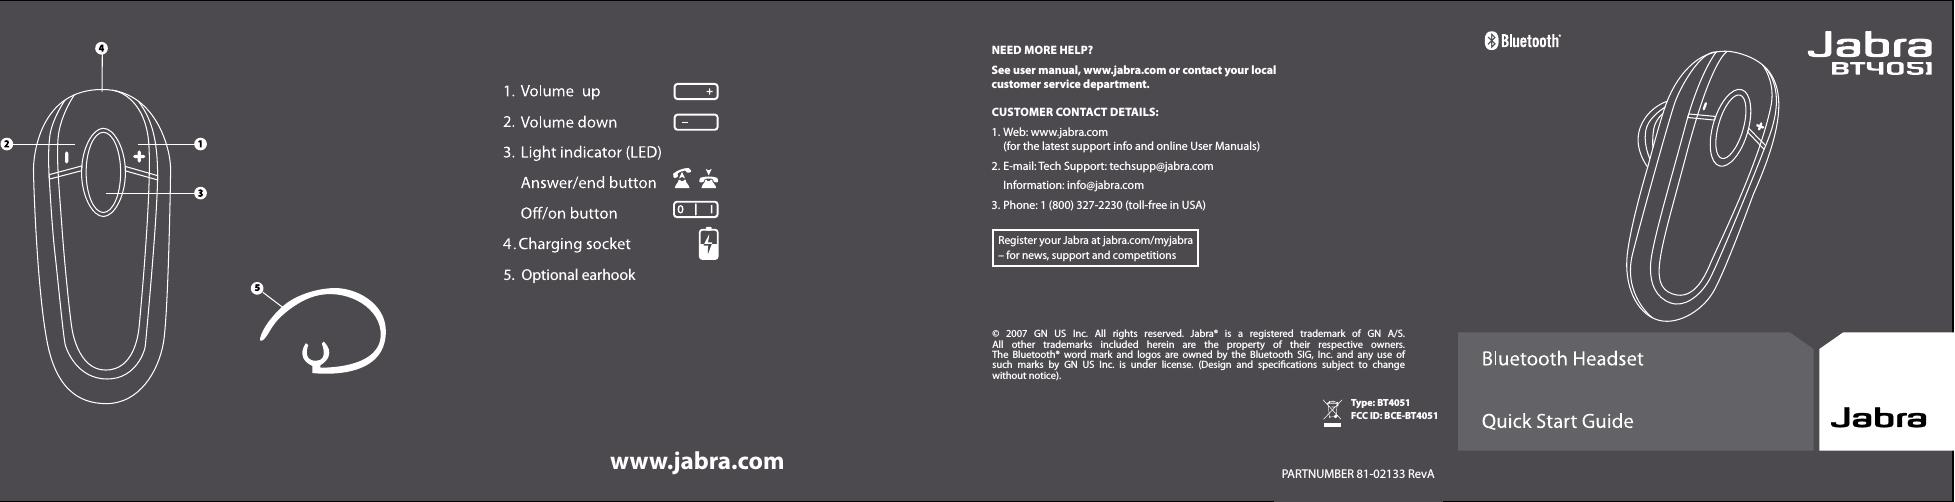 Gn Audio Usa Bt4051 Jabra Bt4051 Bluetooth Headset User Manual